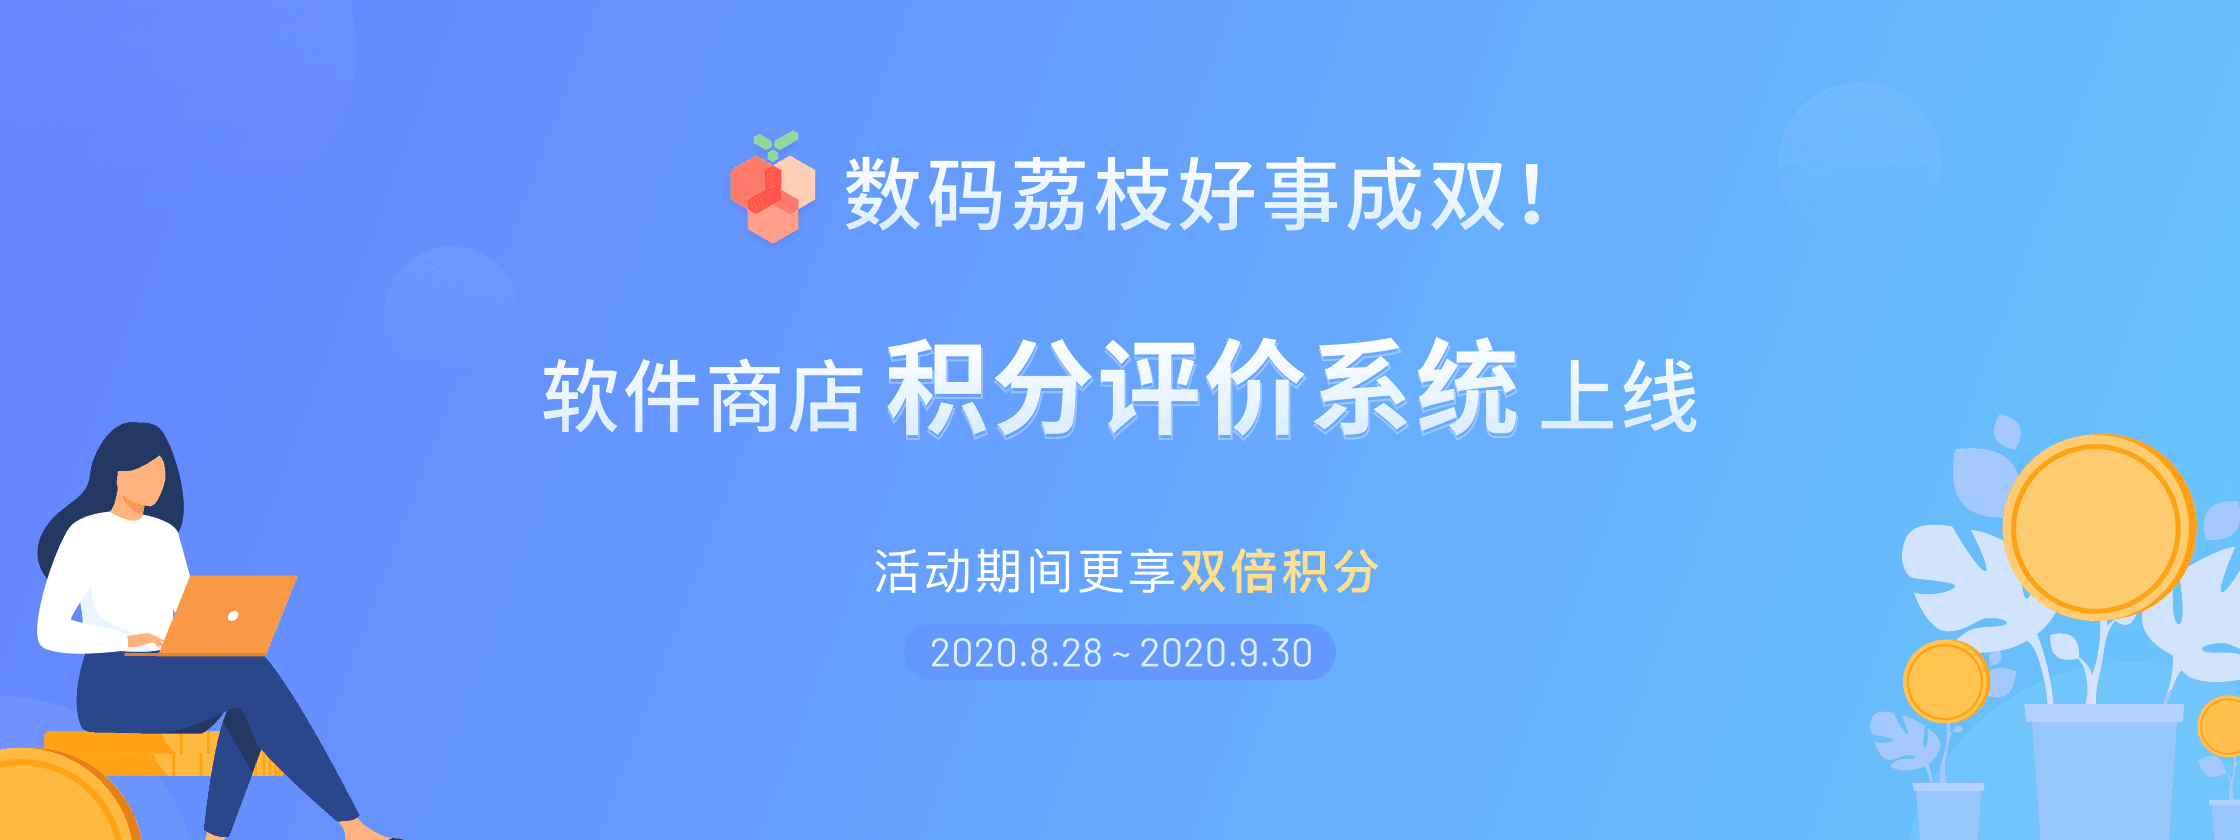 数码荔枝软件商店积分评价系统上线,双倍奖励等你拿!